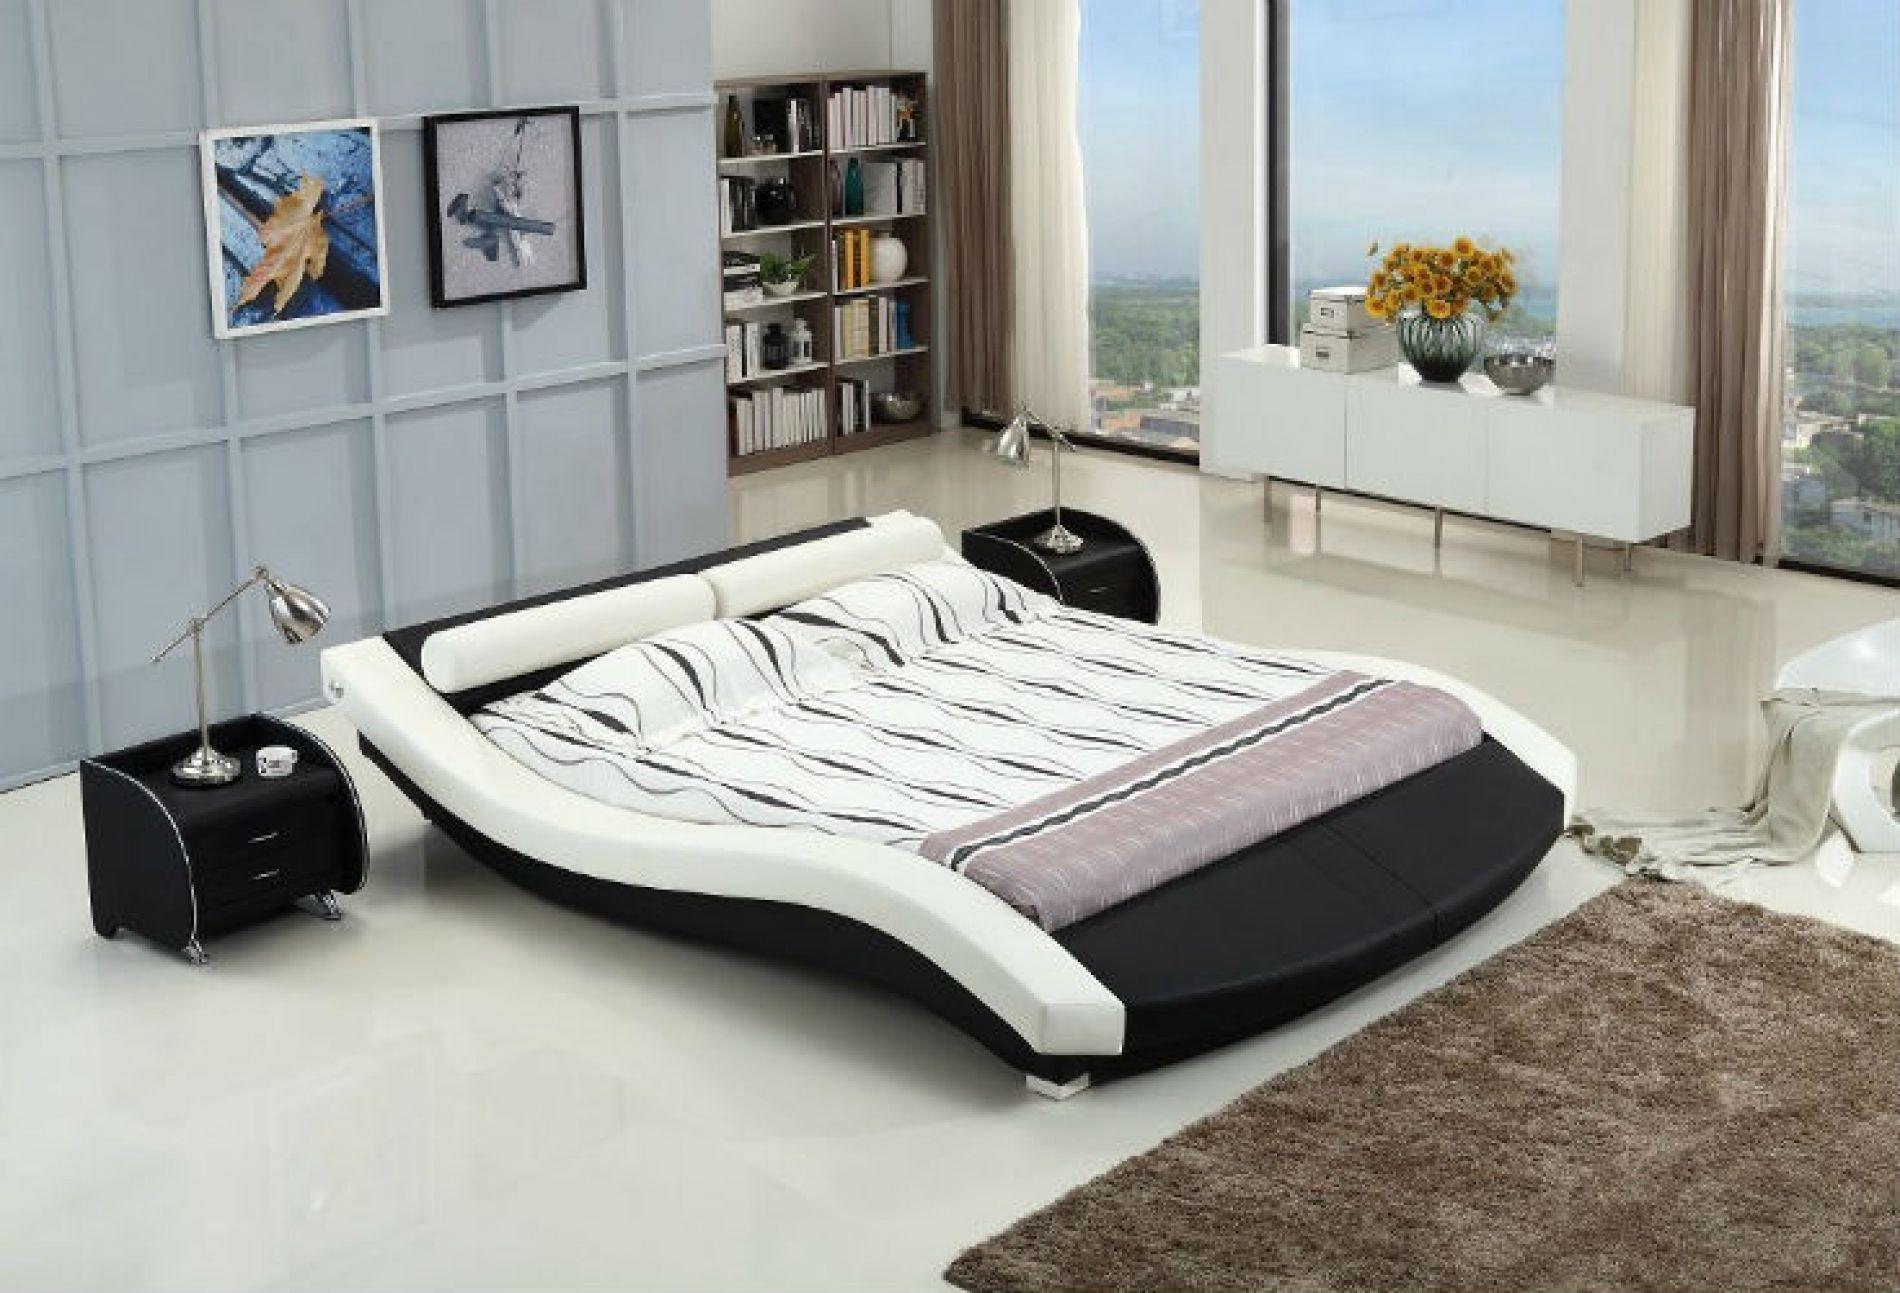 Design Futuristic Beds futuristic platform bed design pinterest beds bed